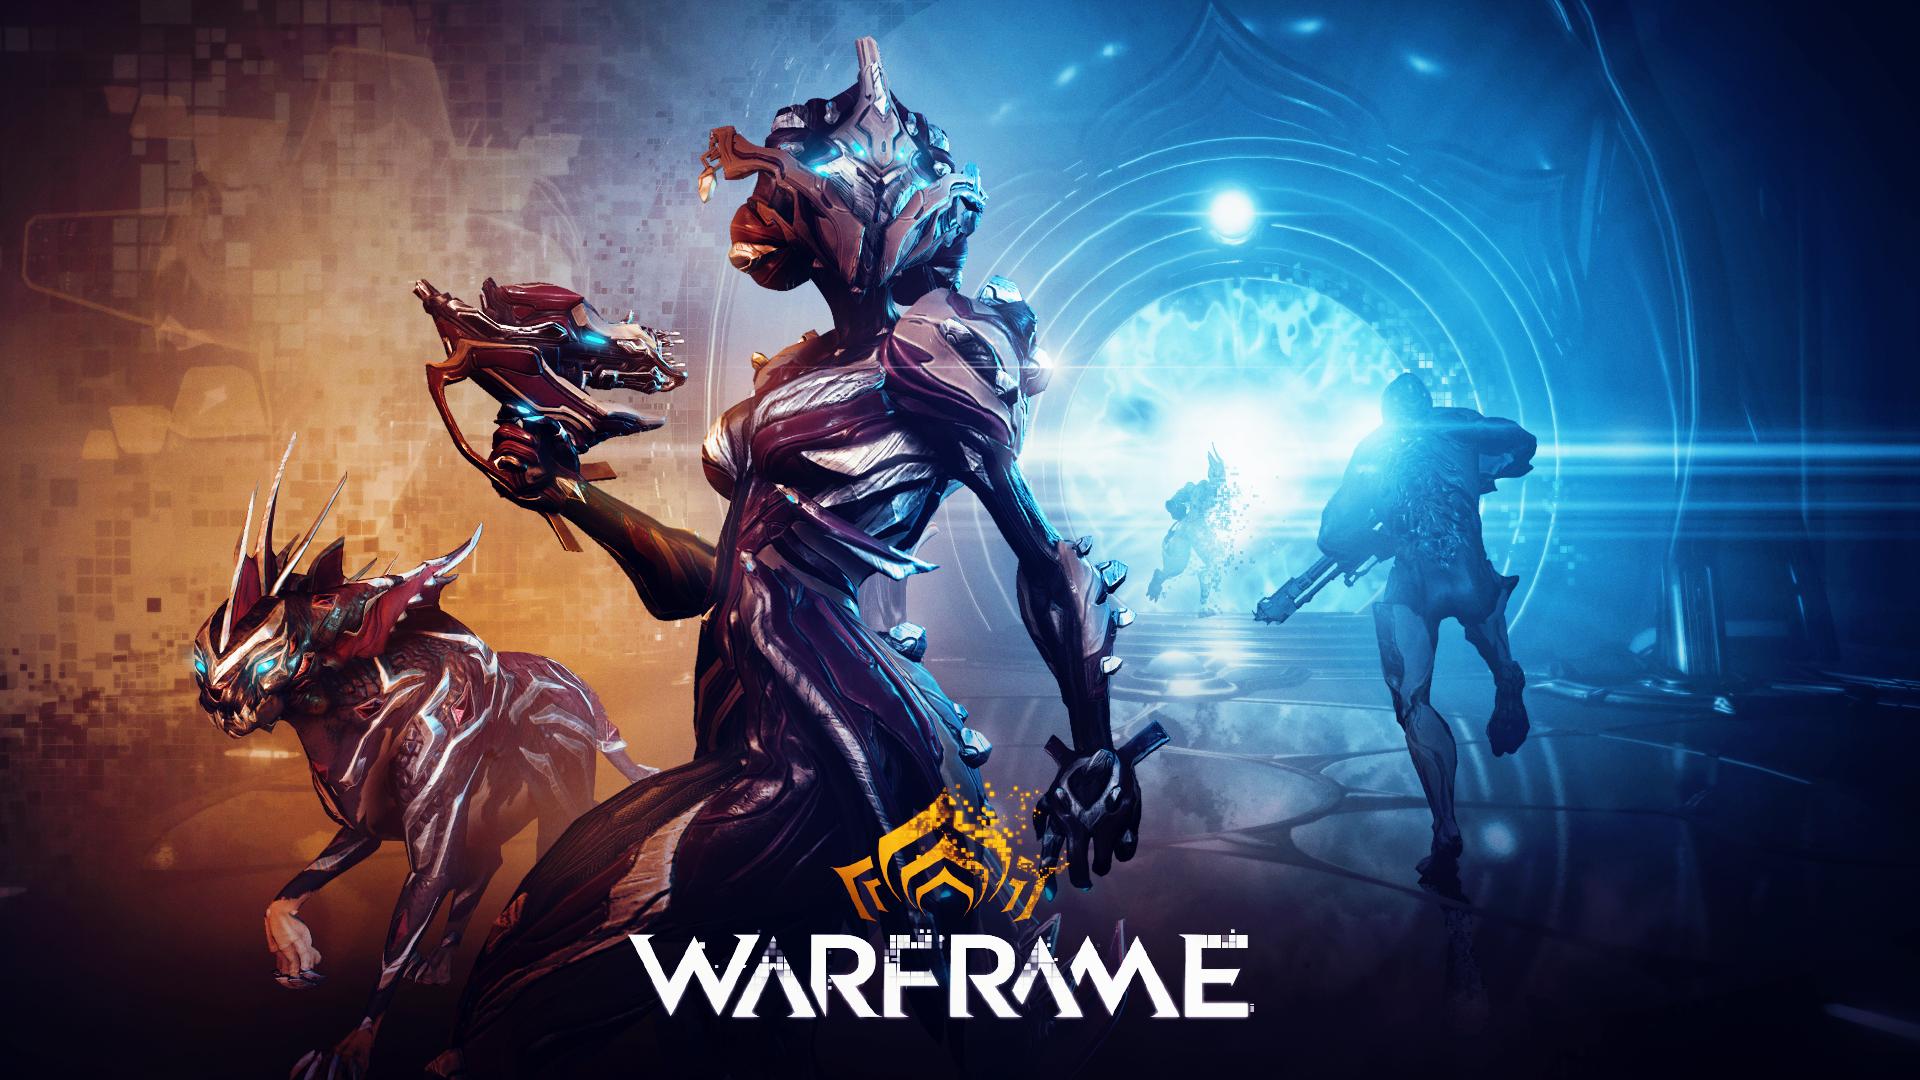 Warframe wurde erst durch kontinuierliche Updates zu dem erfolgreichen Spiel, das es heute ist. Quelle: Digital Extremes.